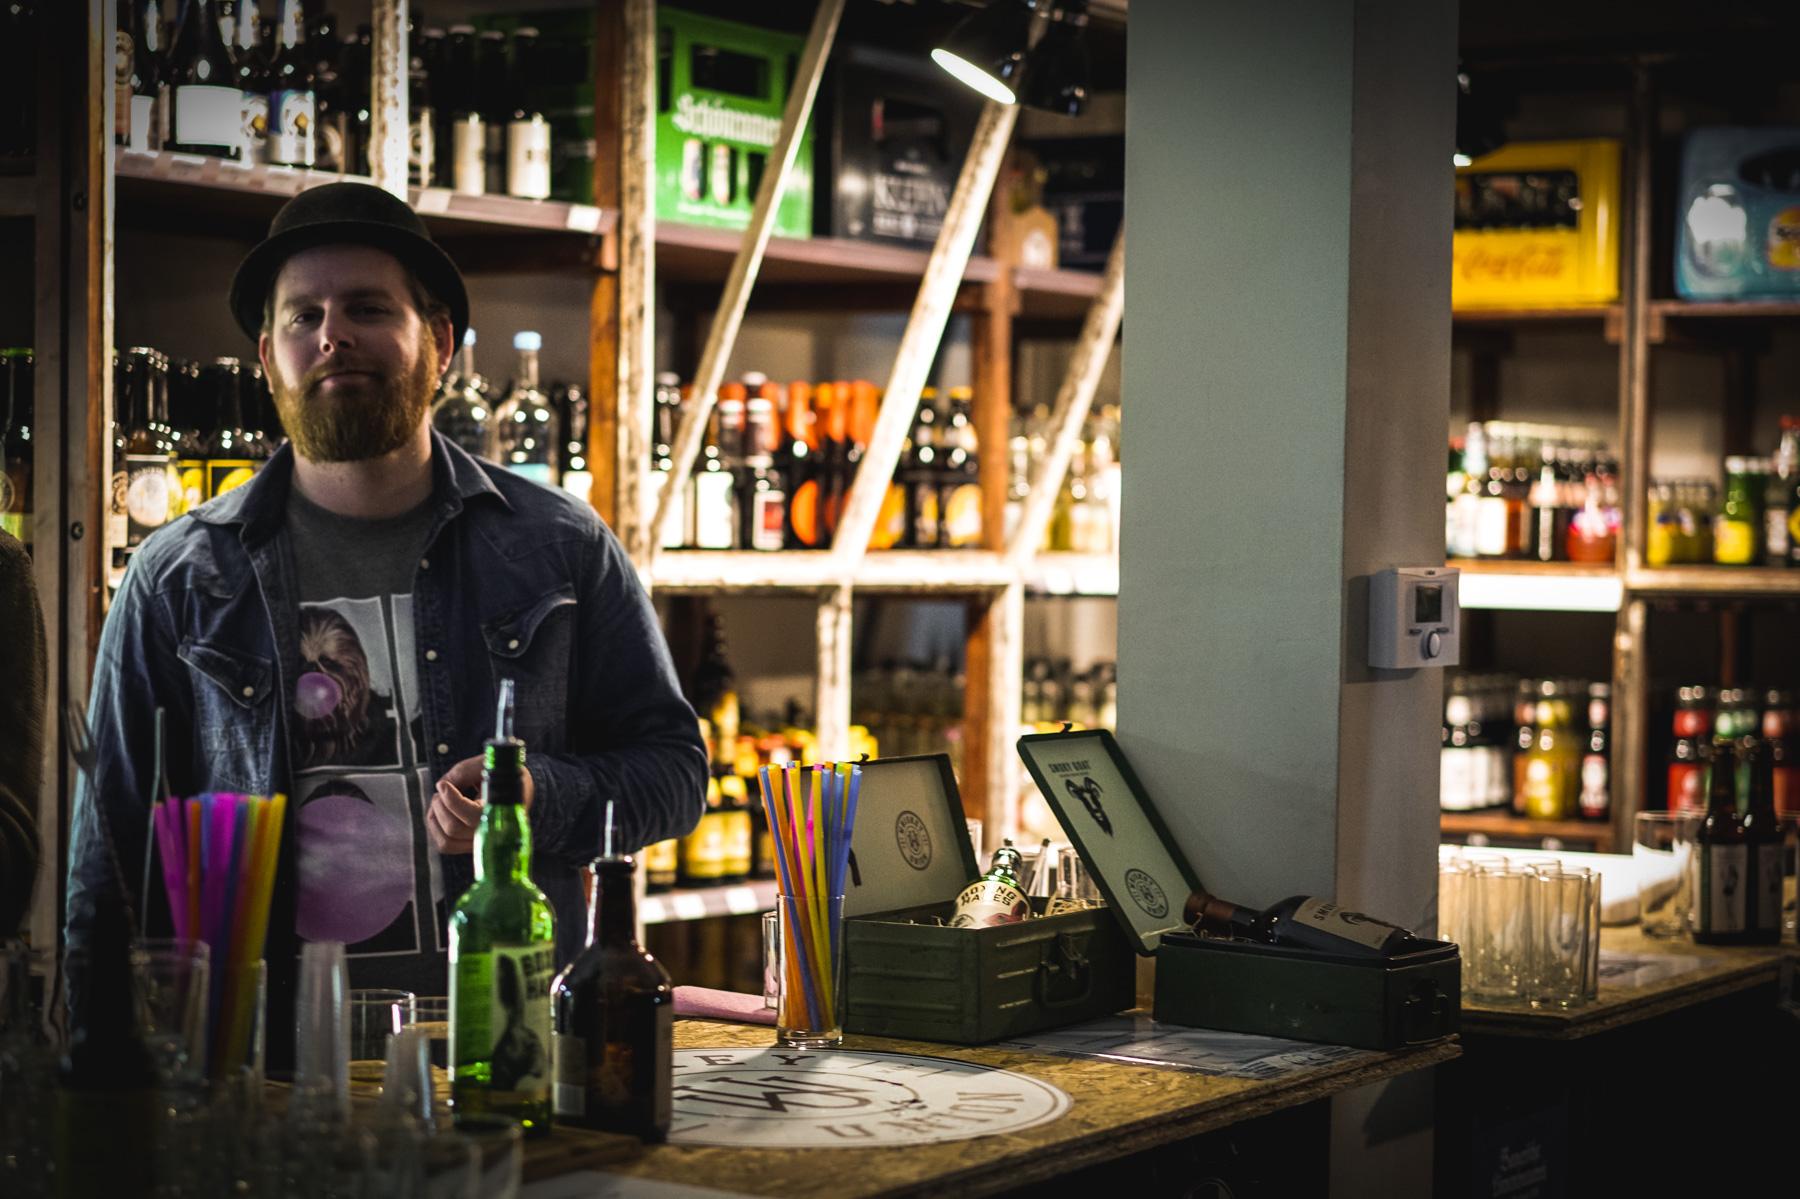 Das ist Tobi aus Berlin, einer der Whiskey Union Markenbotschafter.